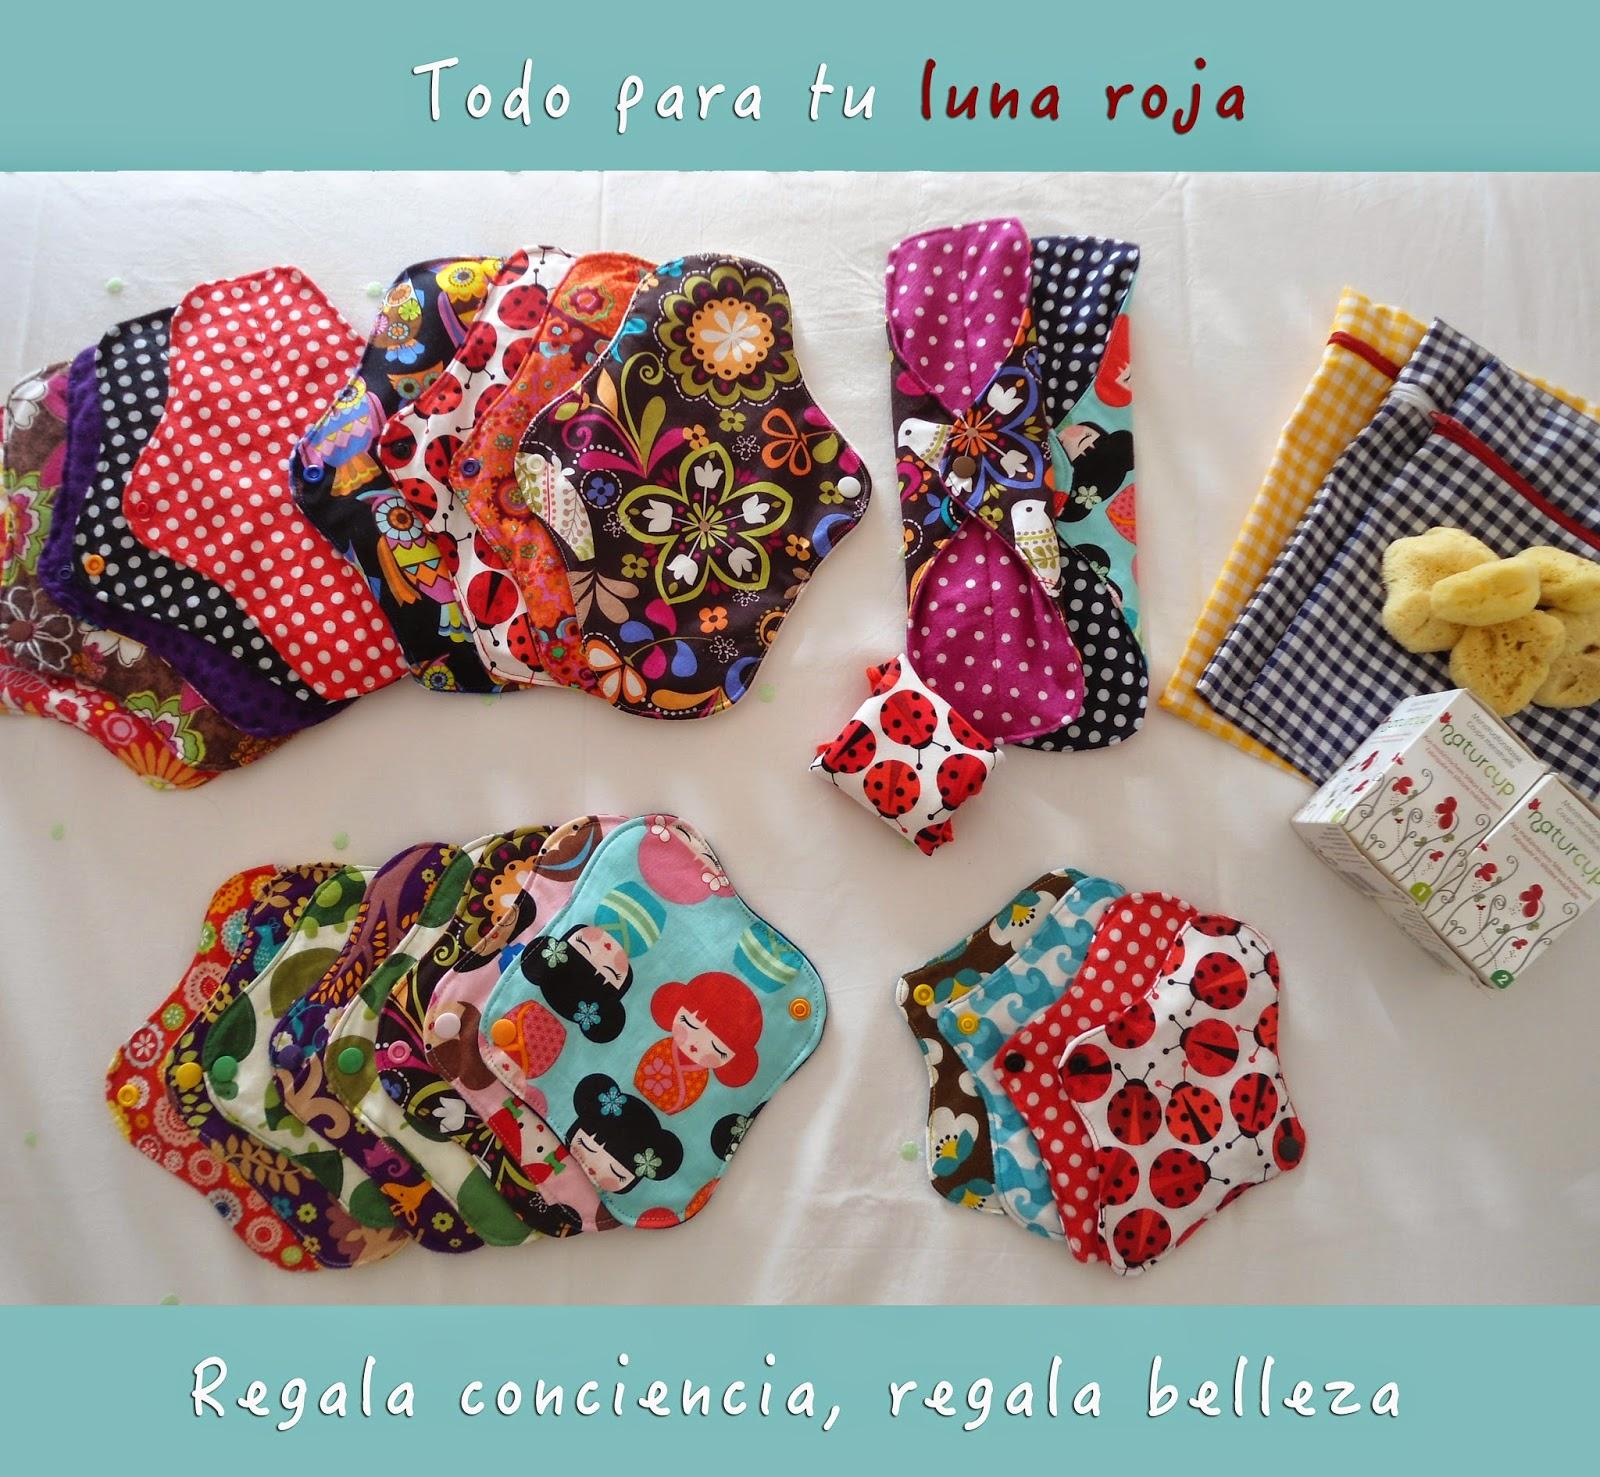 http://tierrasabia.es/content/por-que-usar-compresas-de-tela.html